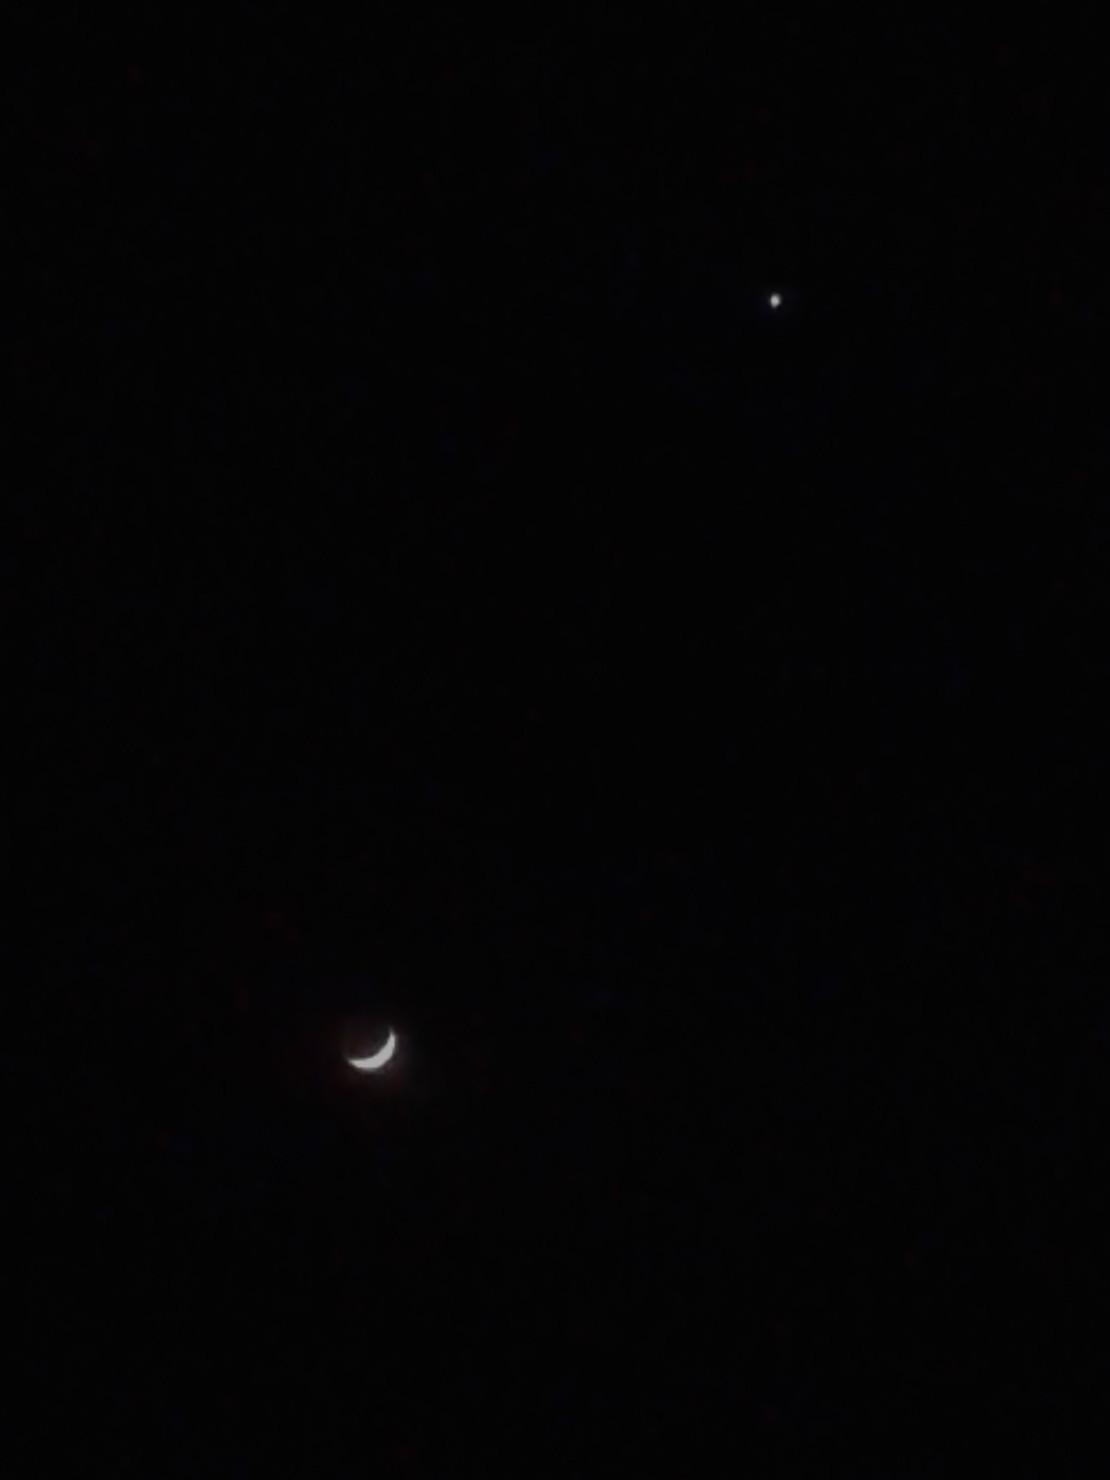 今晚是瞎了的双星伴月